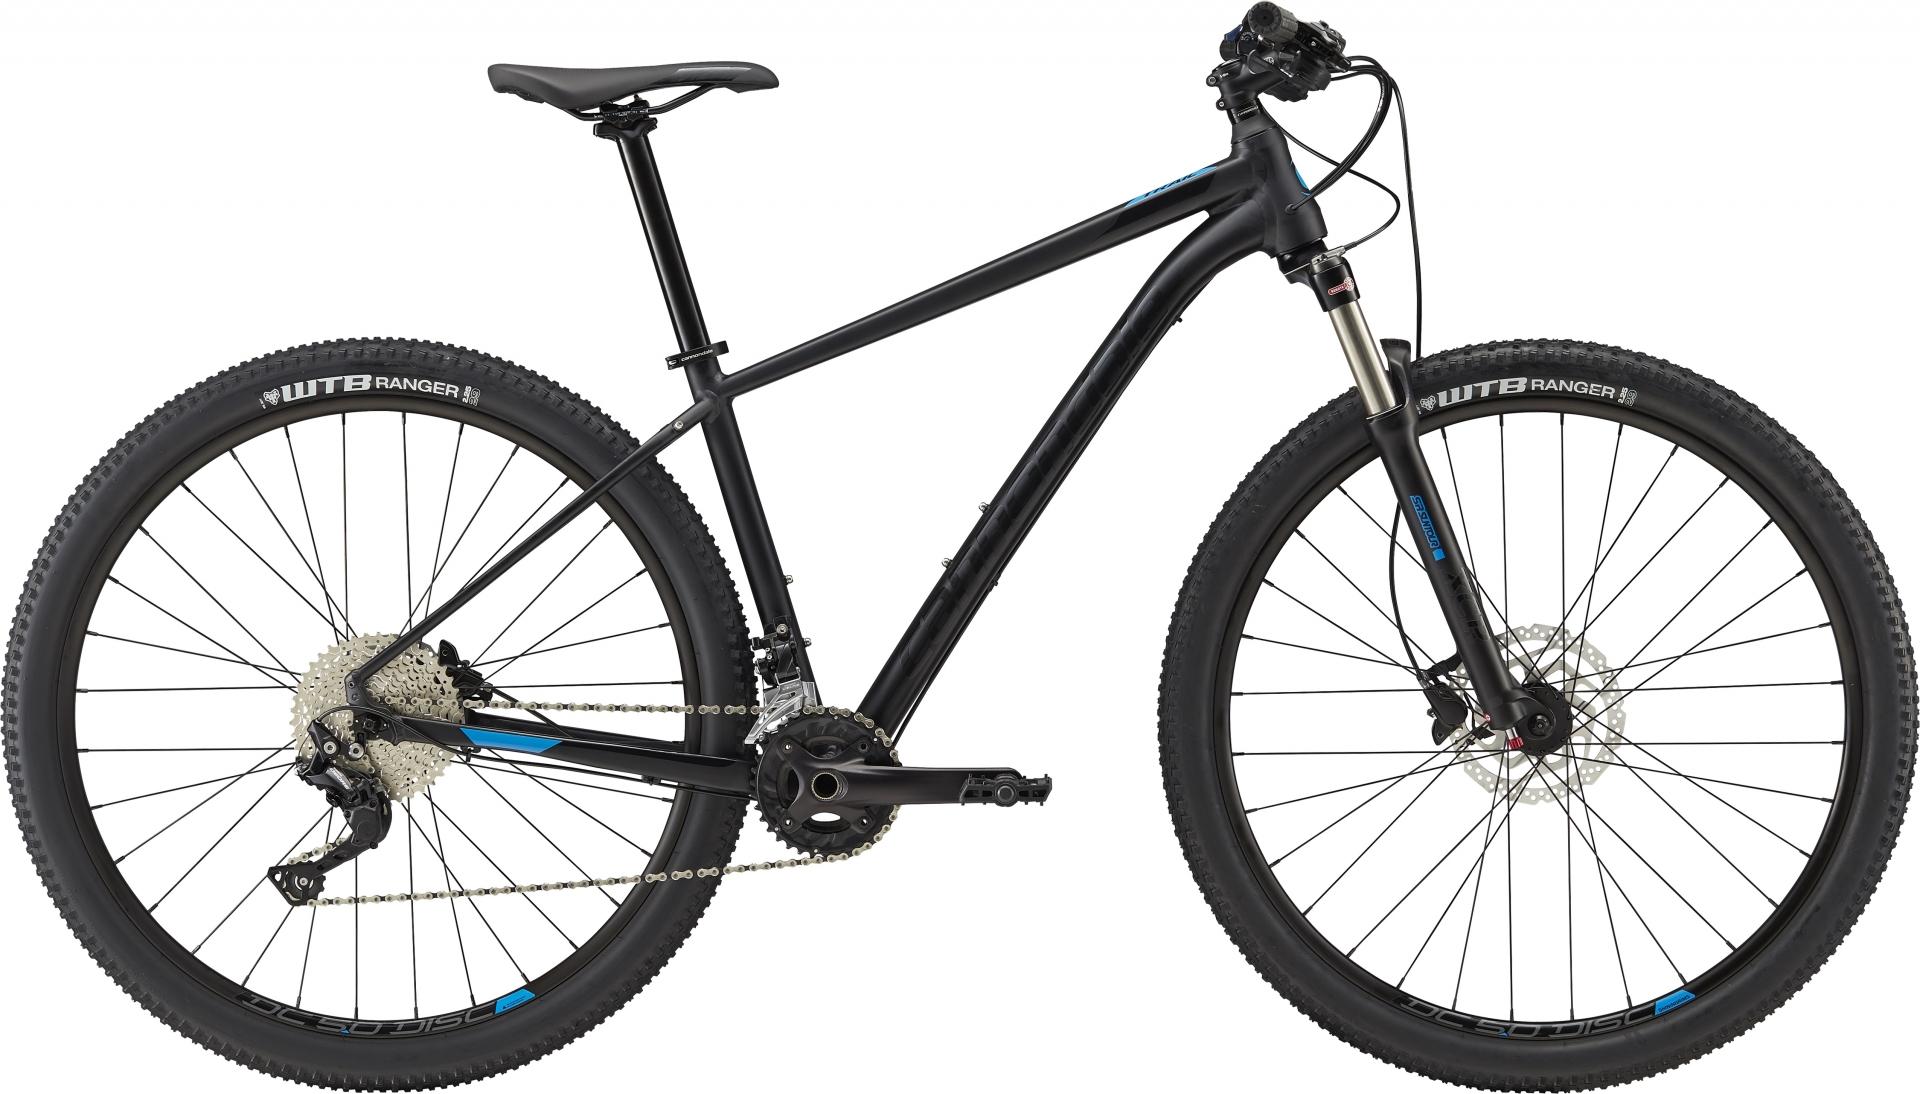 VTT Cannondale Trail 5 27.5/29 Noir/Bleu - M / 29